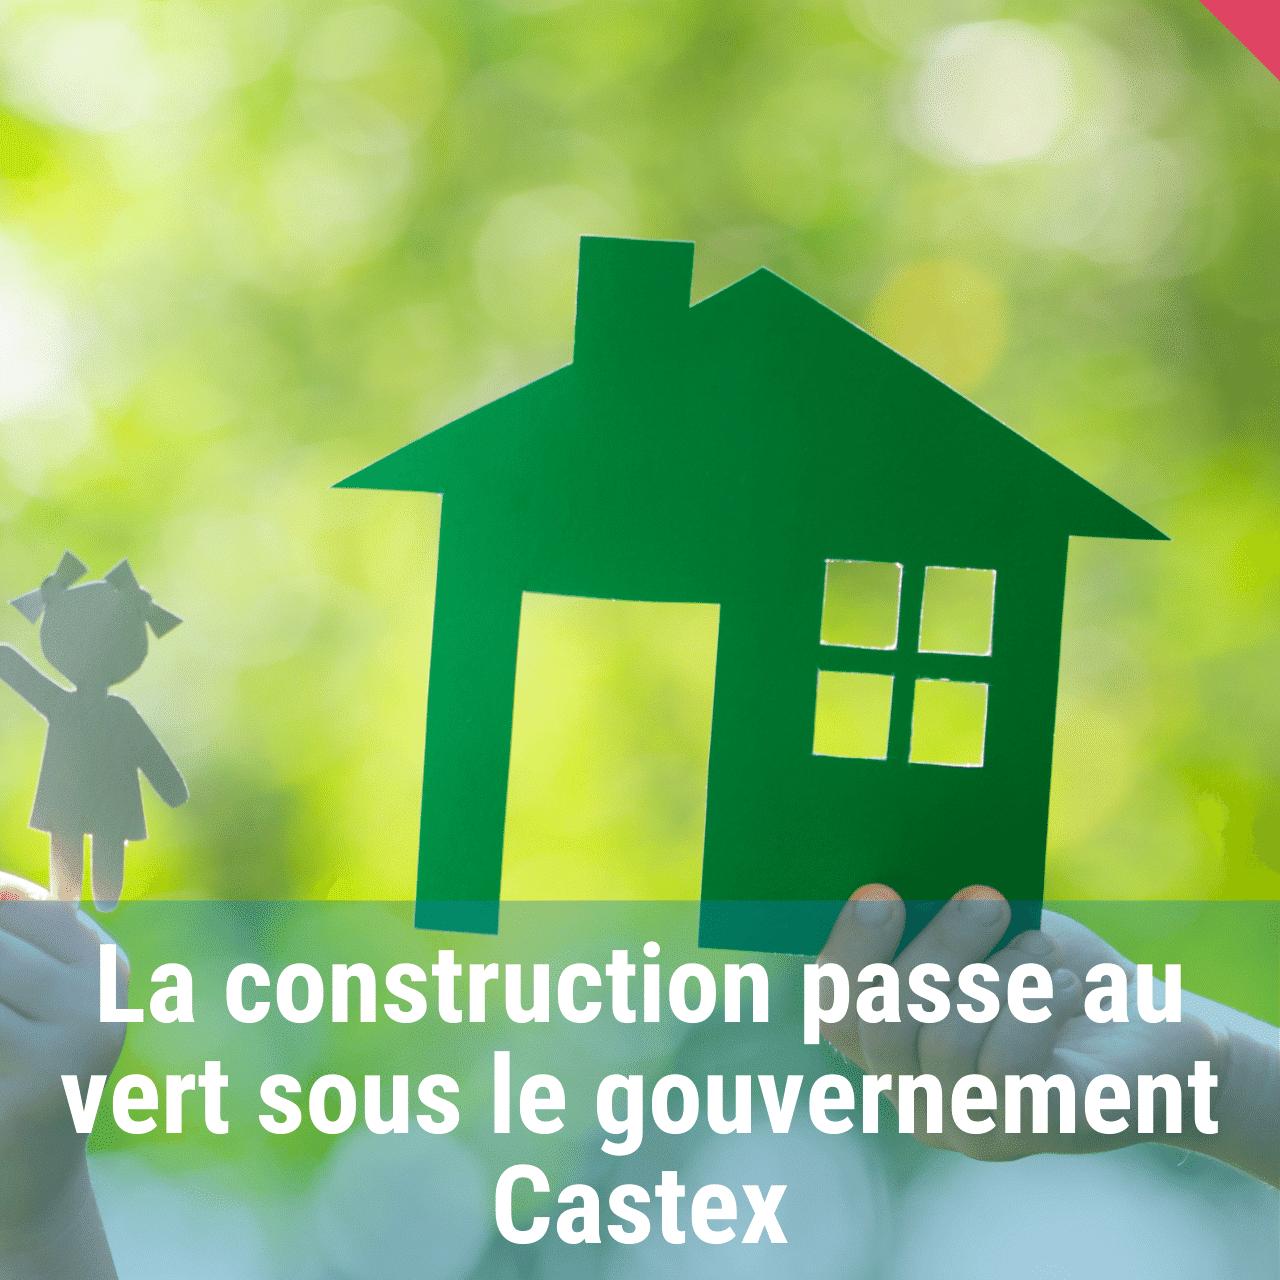 La construction passe au vert sous le gouvernement Castex